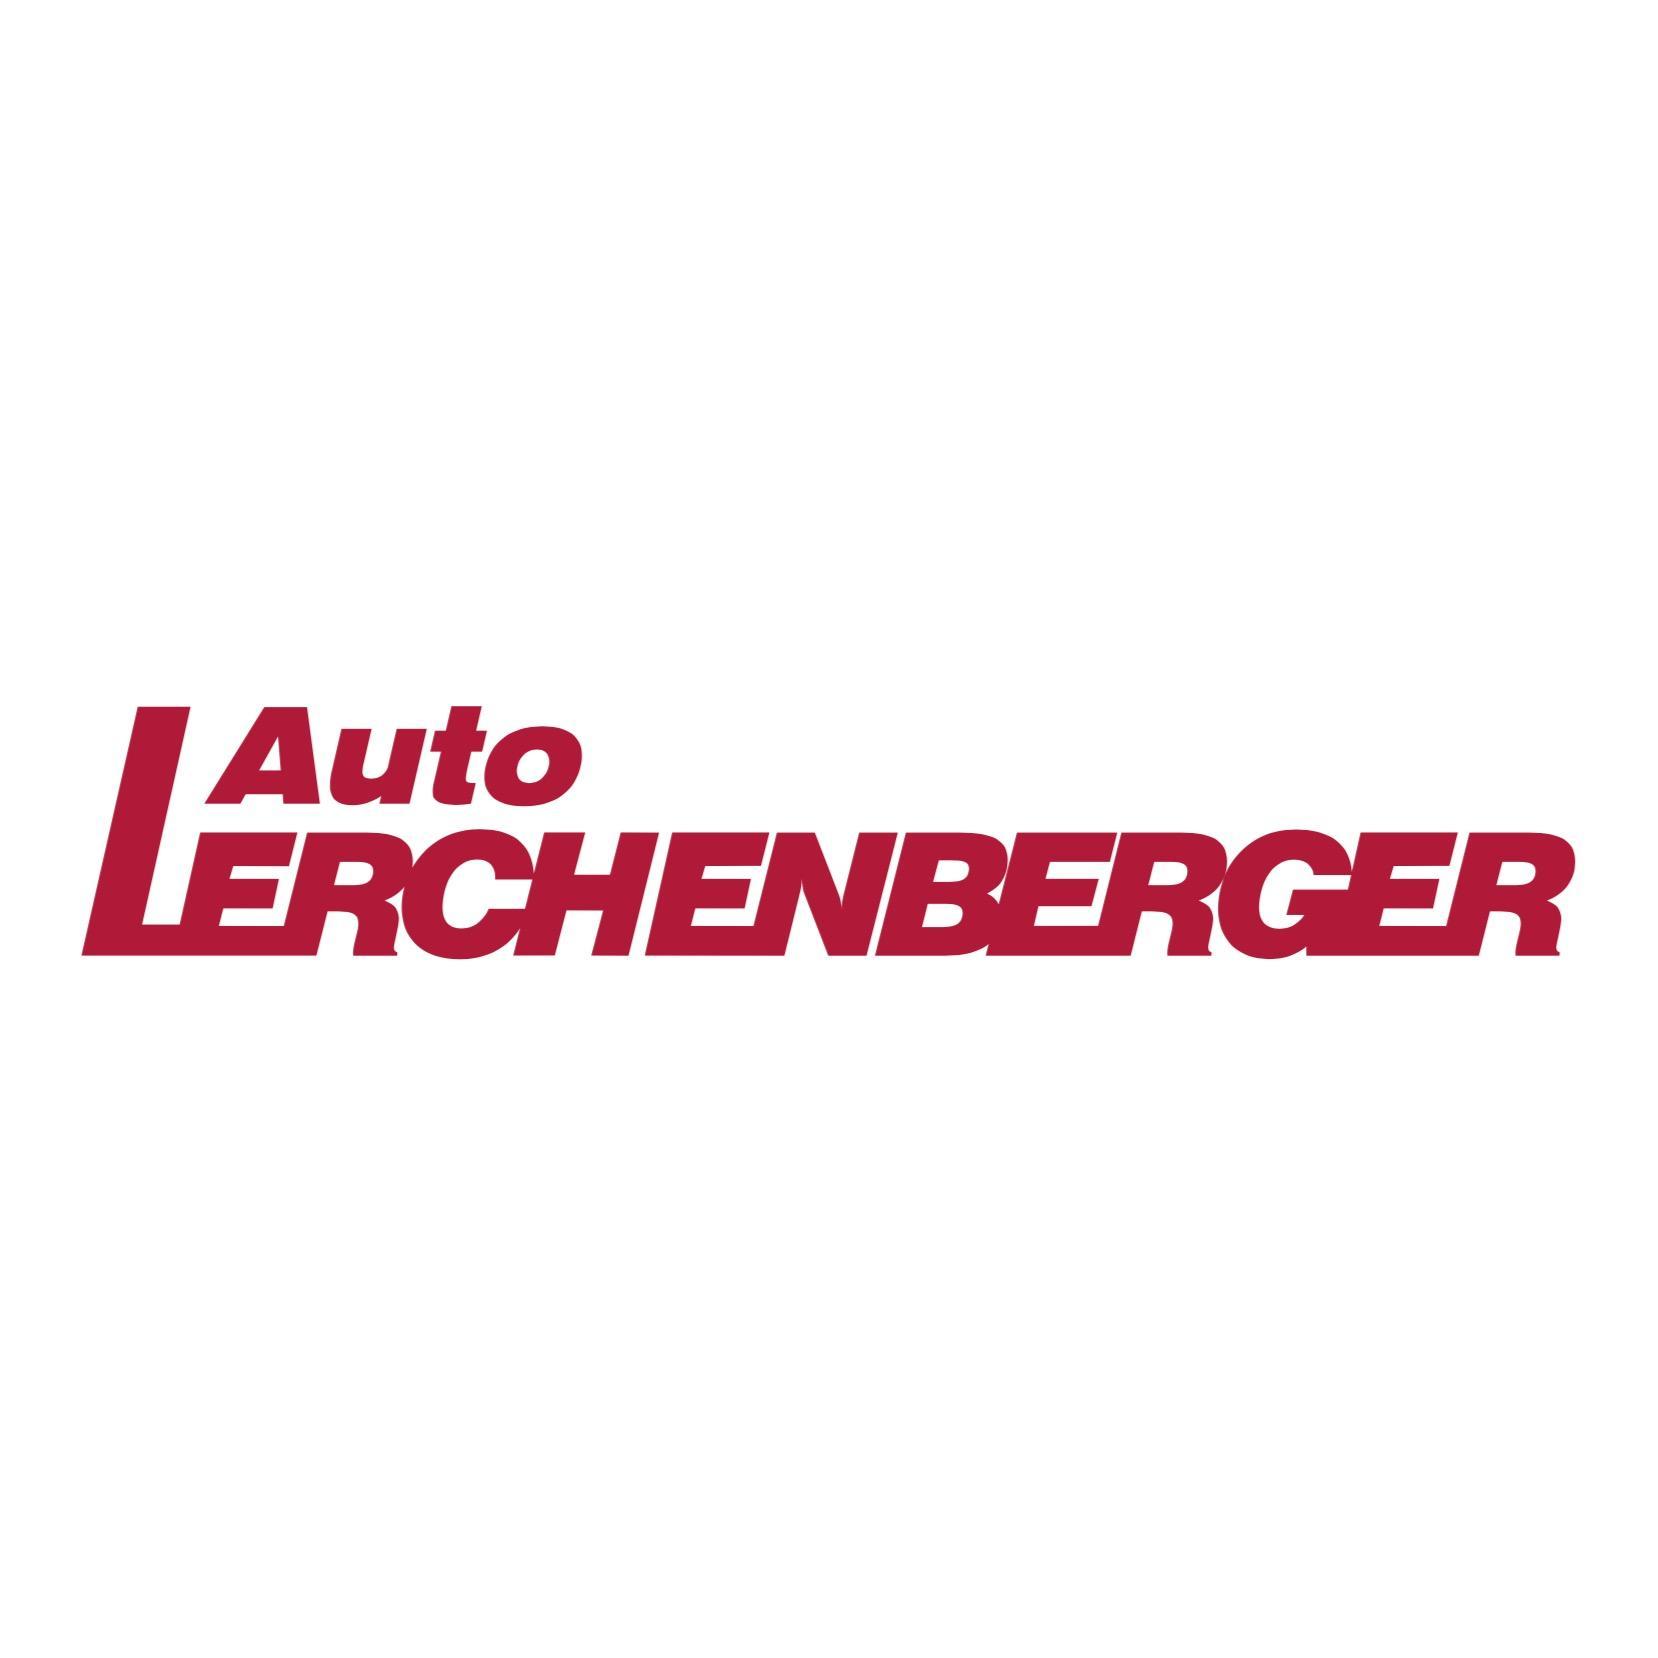 Logo Lerchenberger